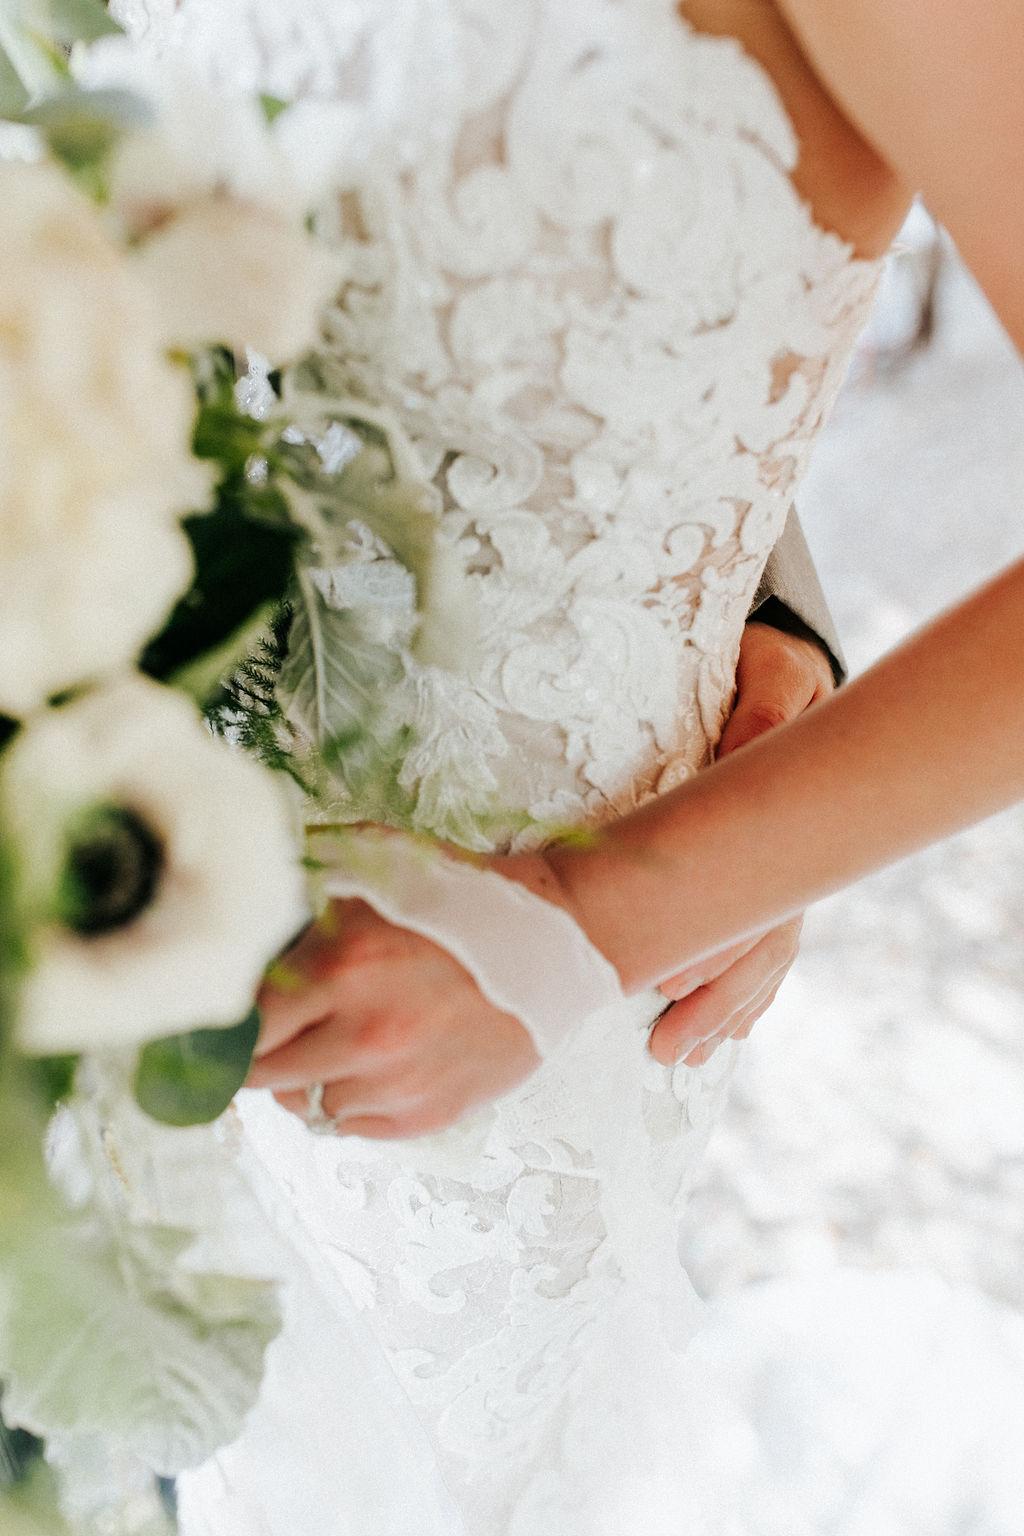 Epoch Co+ Destination wedding planner   First Look Photo Ideas with Groom   Rockin Star Ranch, Brenham Wedding Venue   Velvet + Wire Photography   Austin Wedding Planner   Wedding Dress Detail